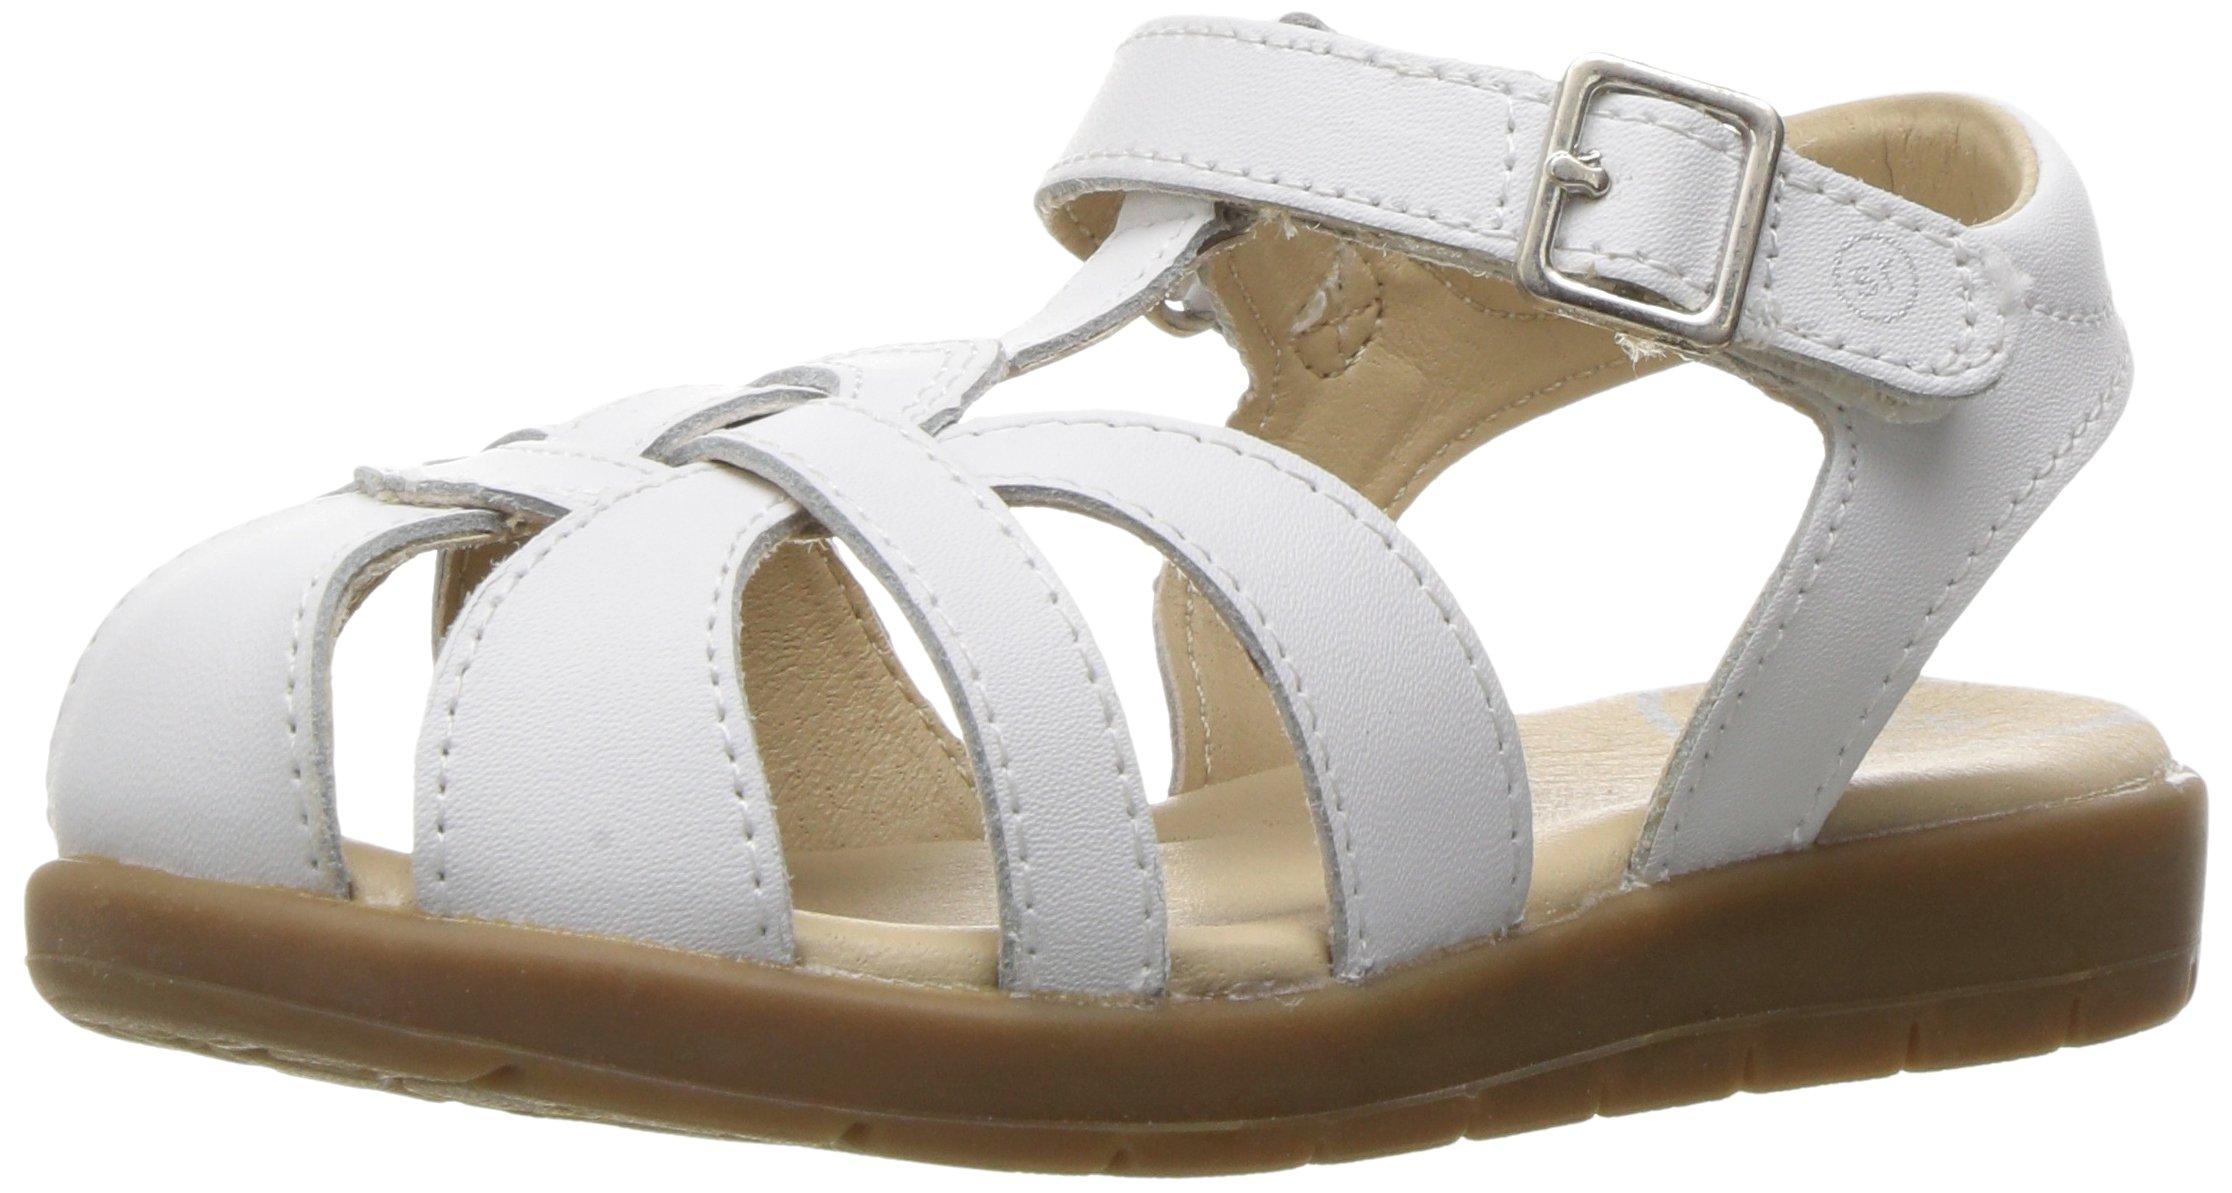 Stride Rite Summer Time Sandal (Toddler/Little Kid), White, 11 M US Little Kid